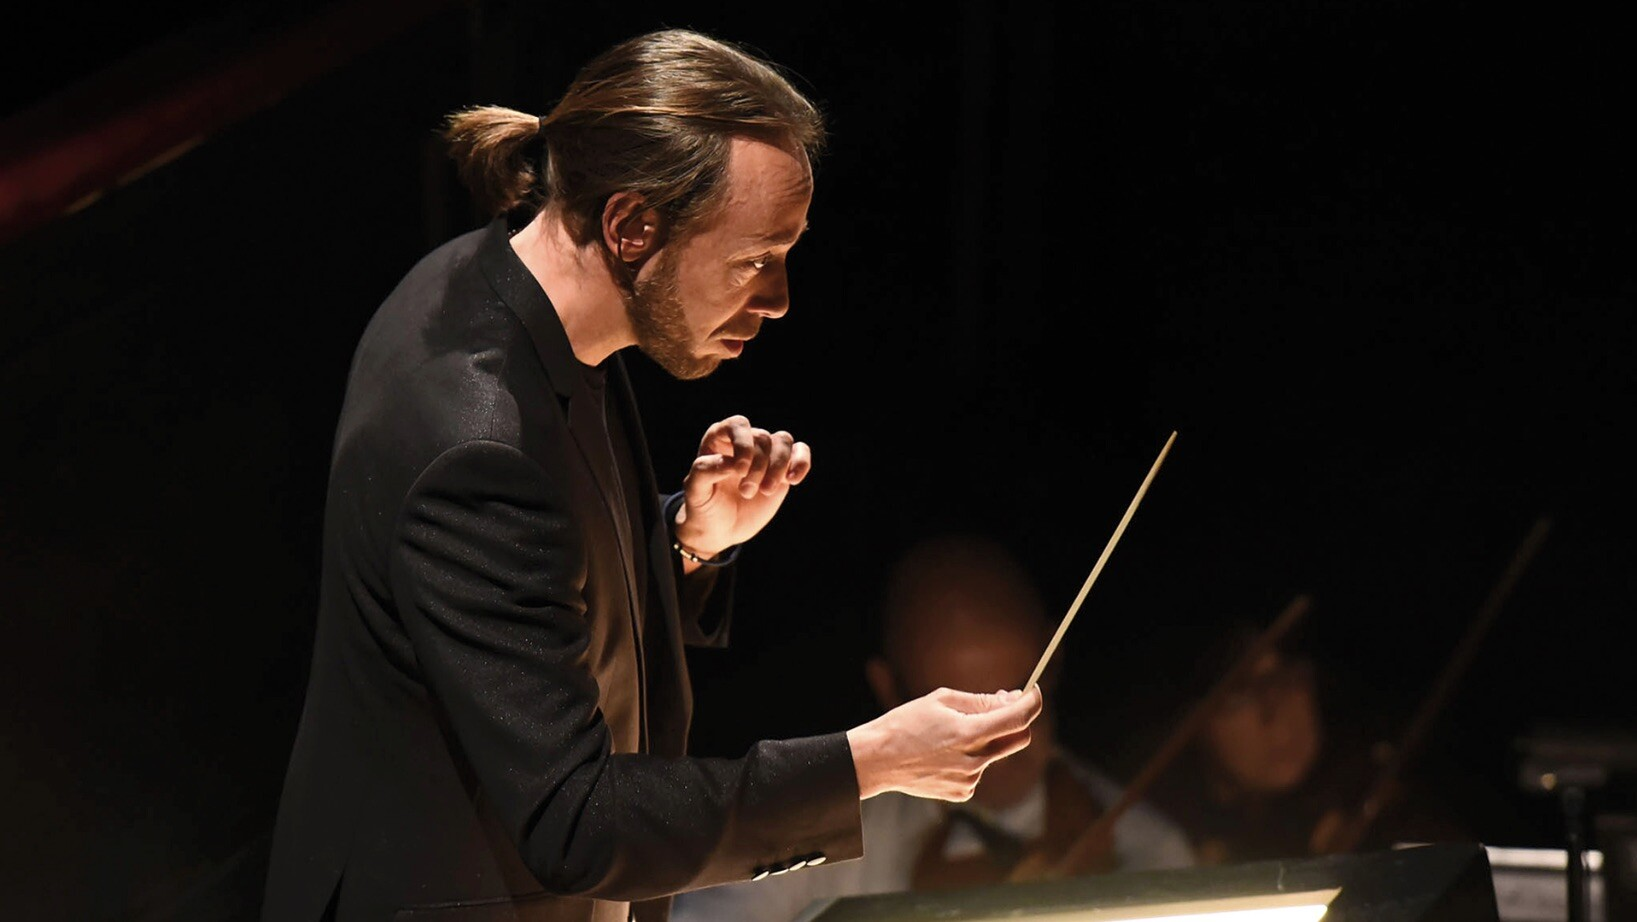 GRANDE CONCERTO VERDIANO AL PAGANINI Matteo Beltrami dirige l'Orchestra Toscanini